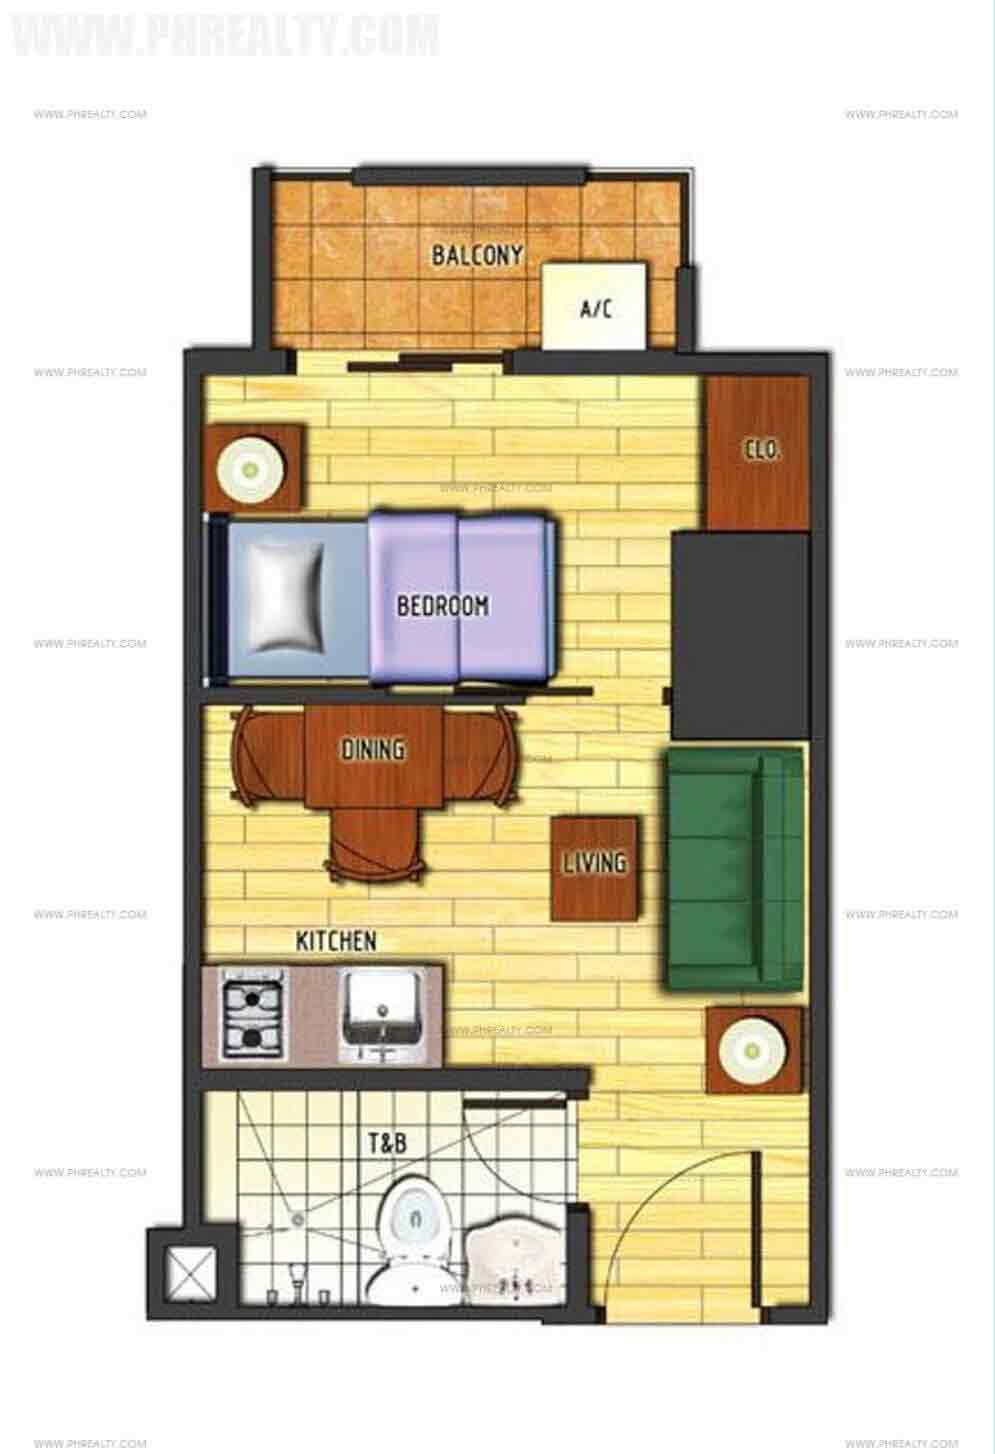 1 Bedroom Cornered Unit Type C